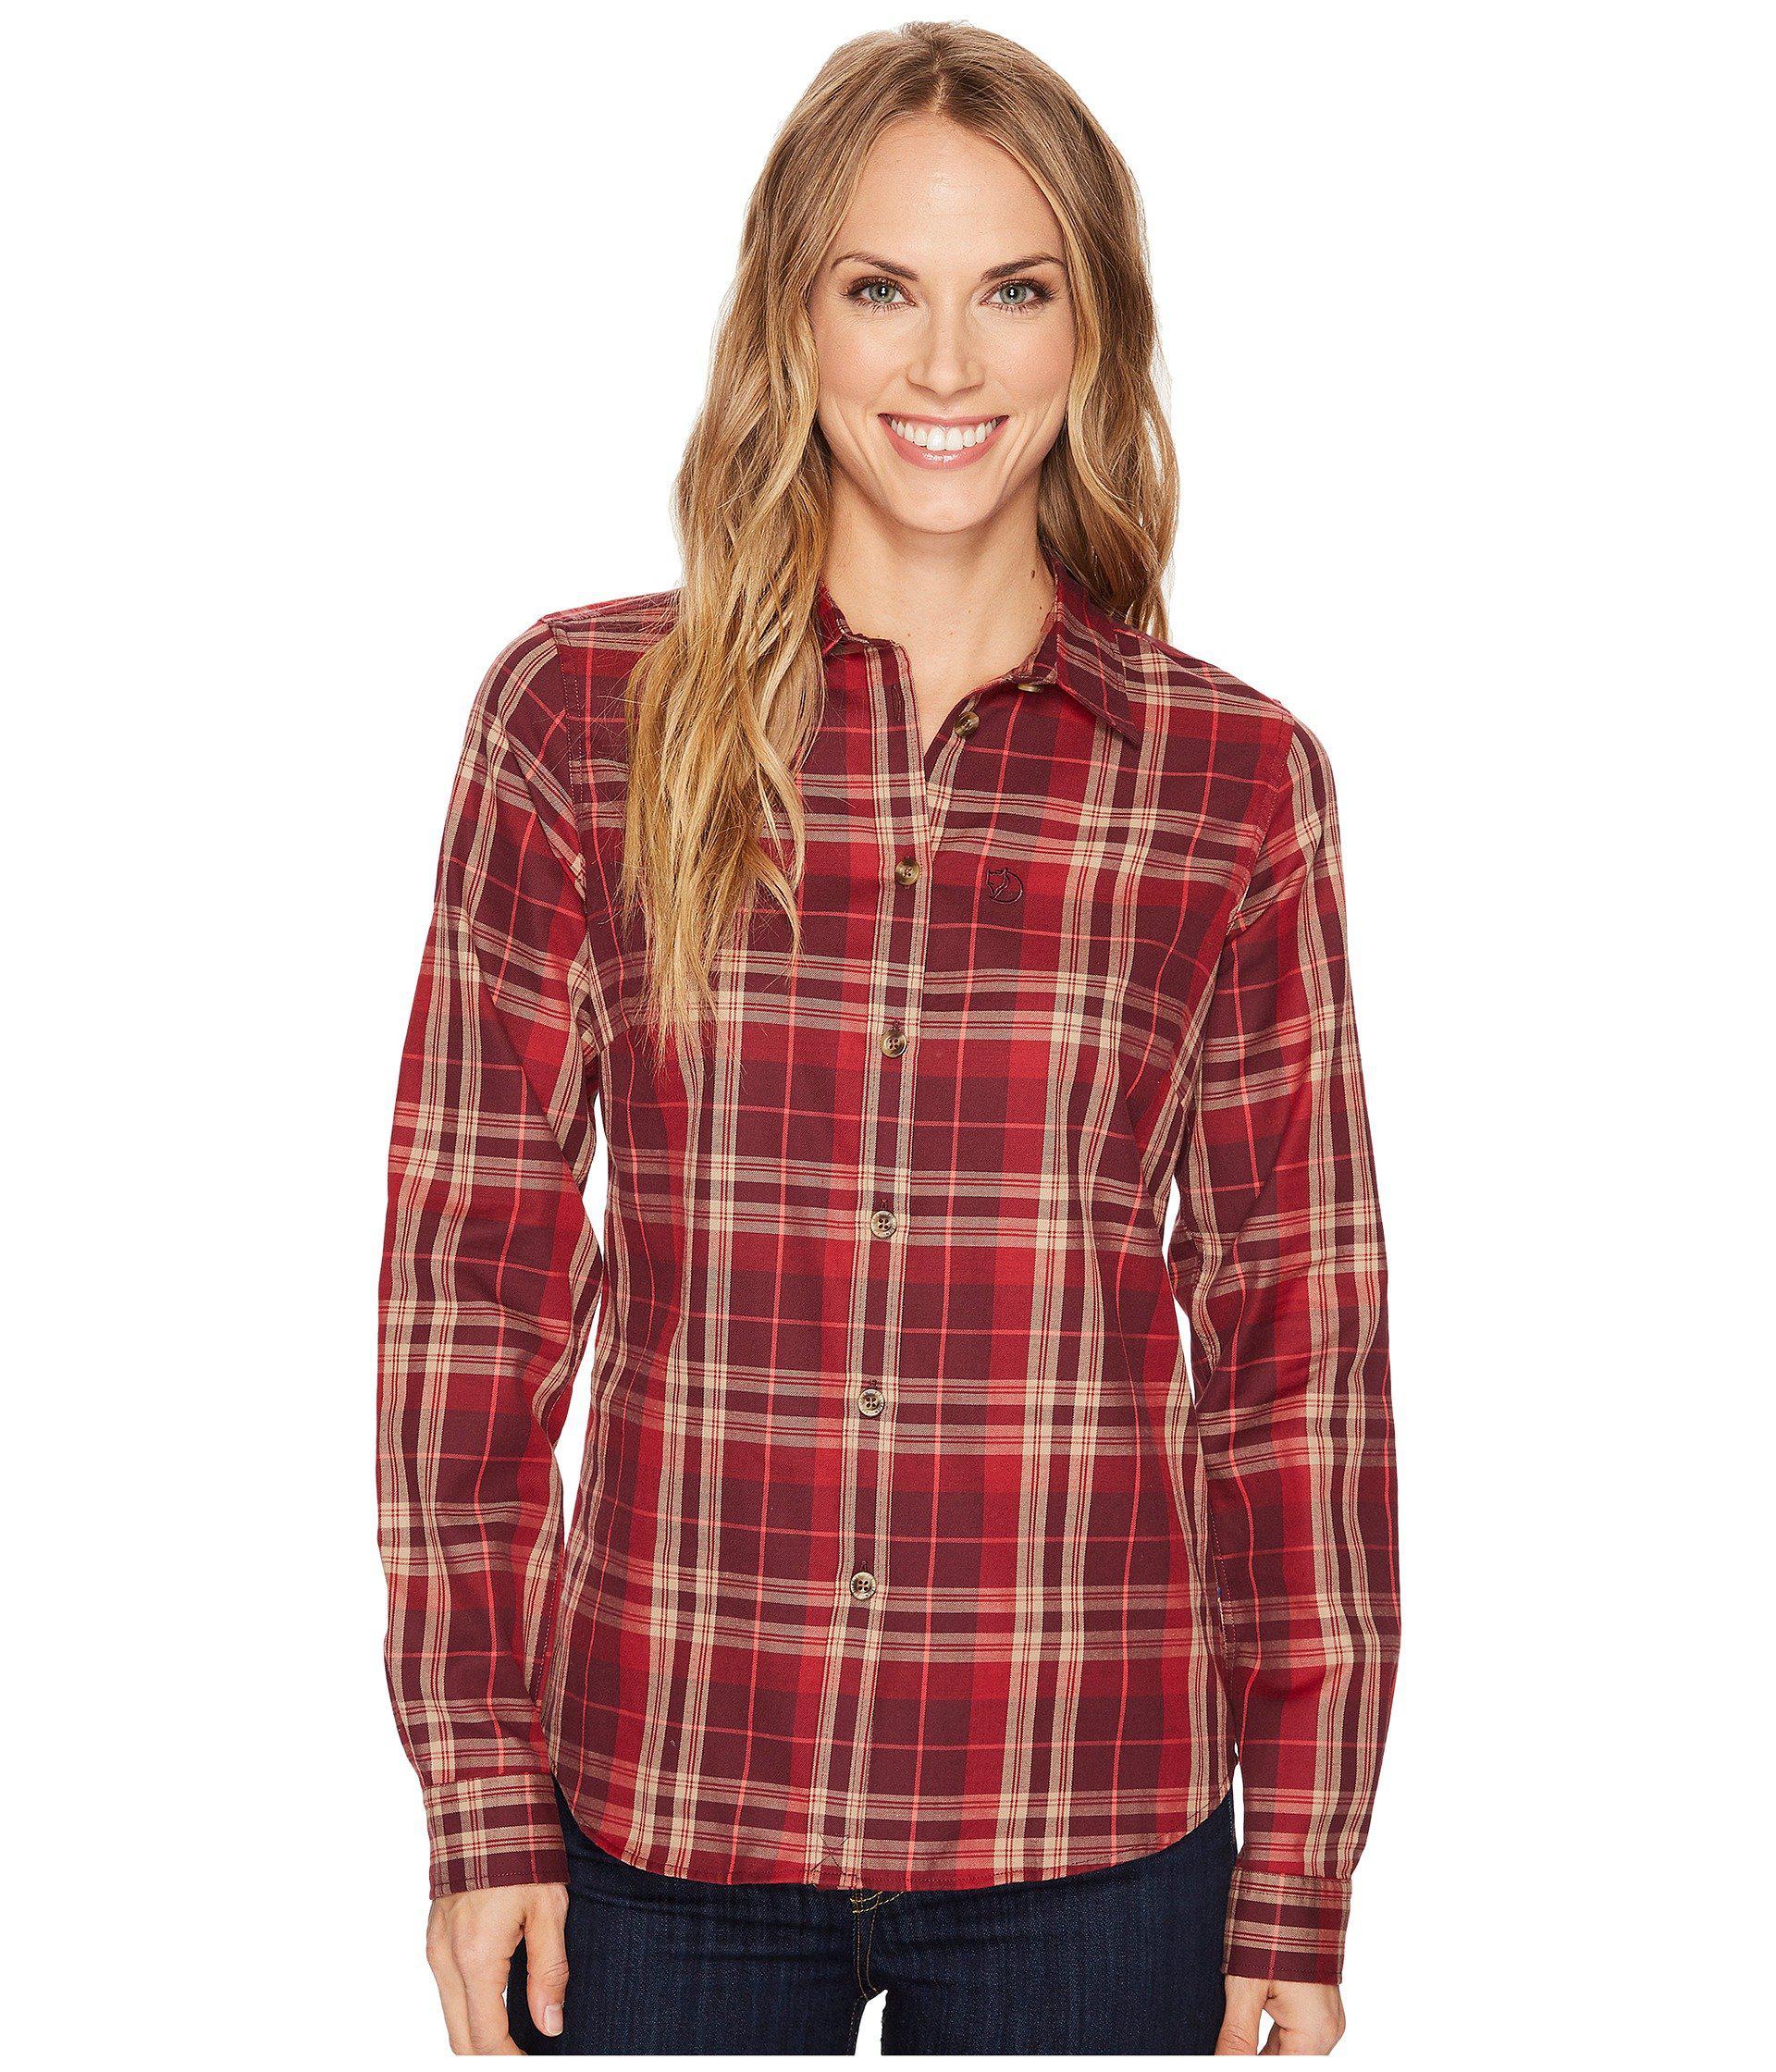 Fj/ällr/även Womens /Övik Flannel Shirt Ls W /Övik Flannel Shirt